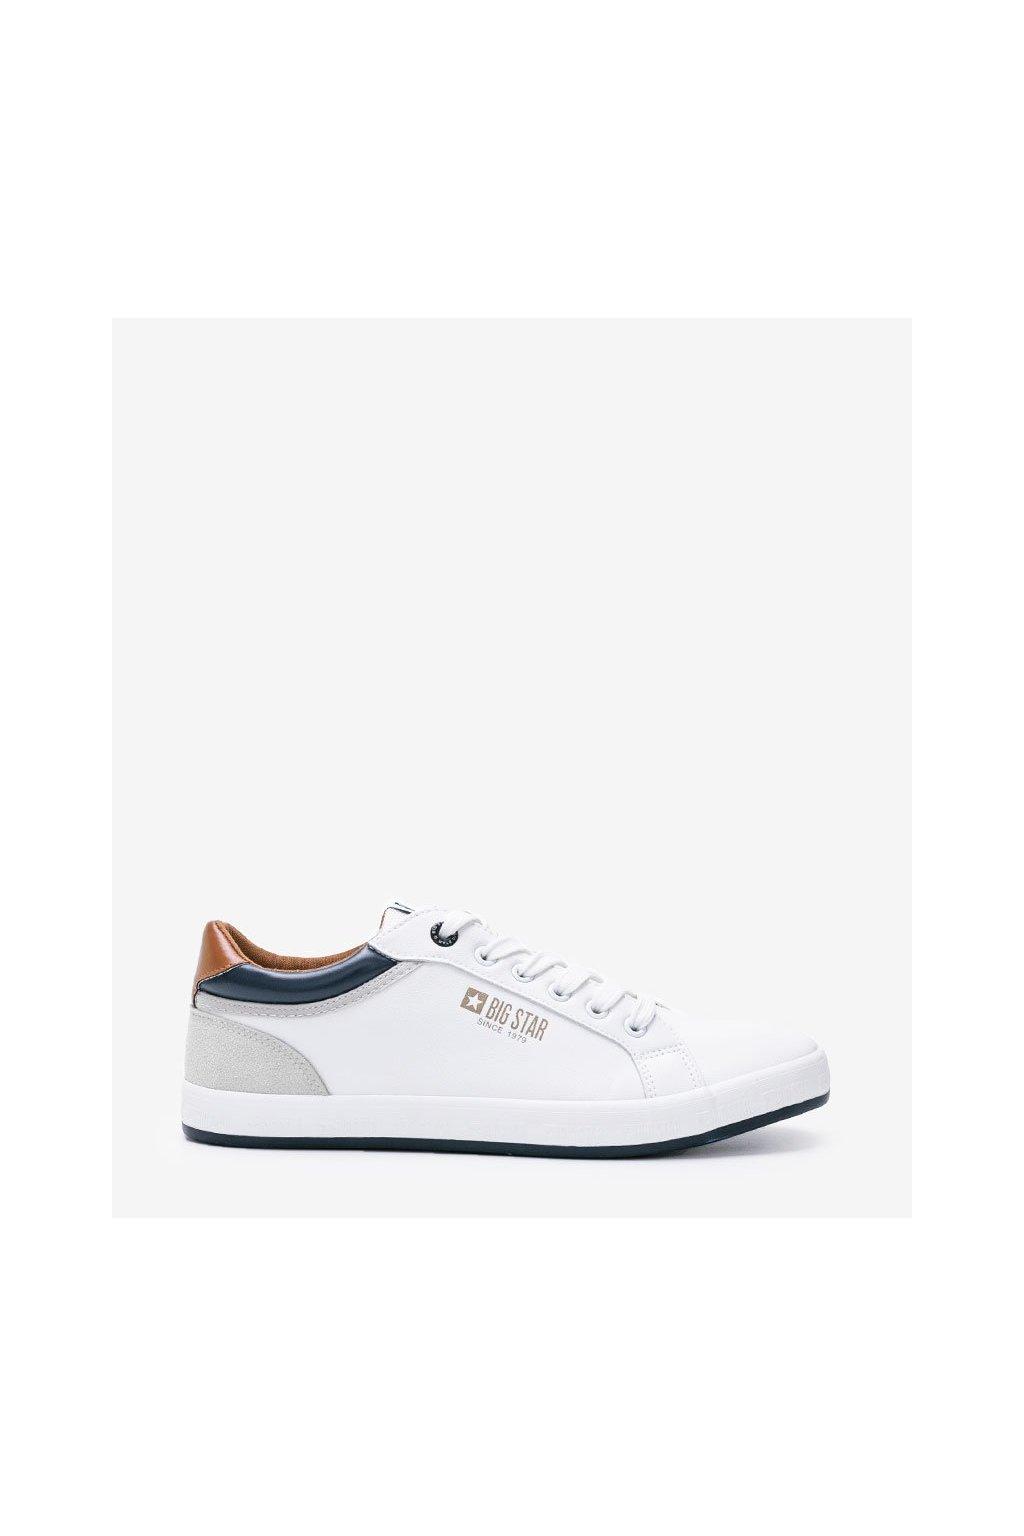 Pánske tenisky BS biele kód II174051 WHITE - GM